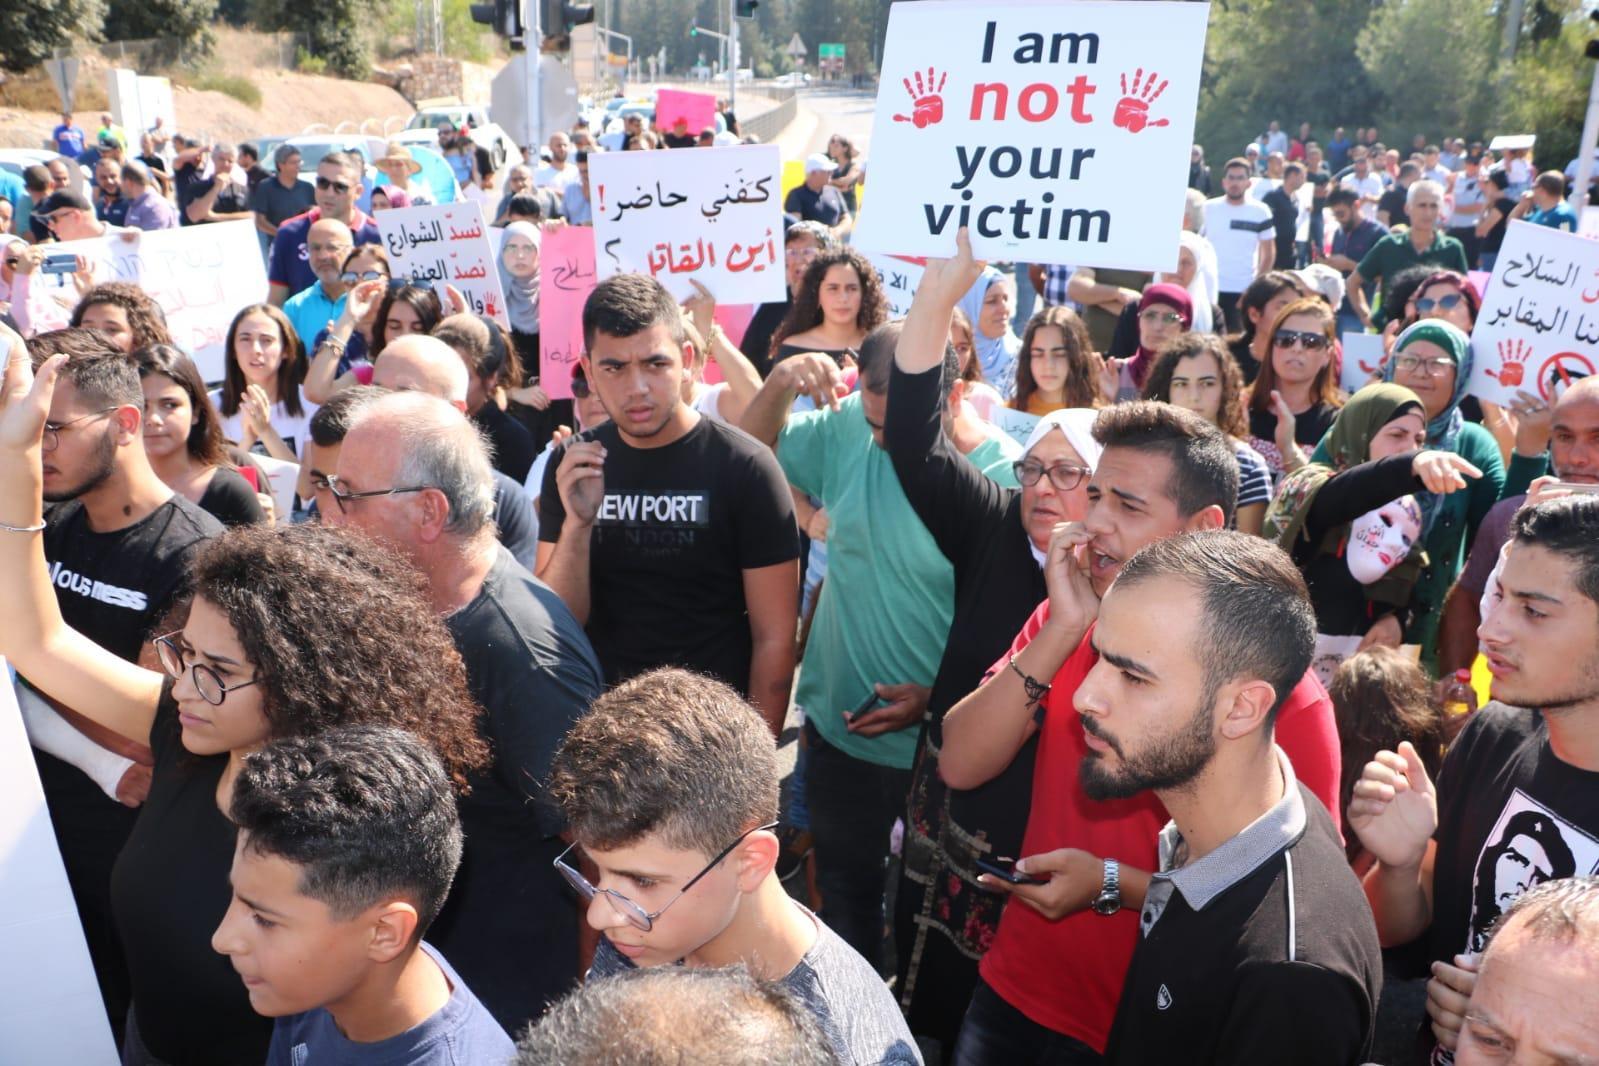 استمرار التظاهرات في المجتمع العربي احتجاجاً على العنف والجريمة